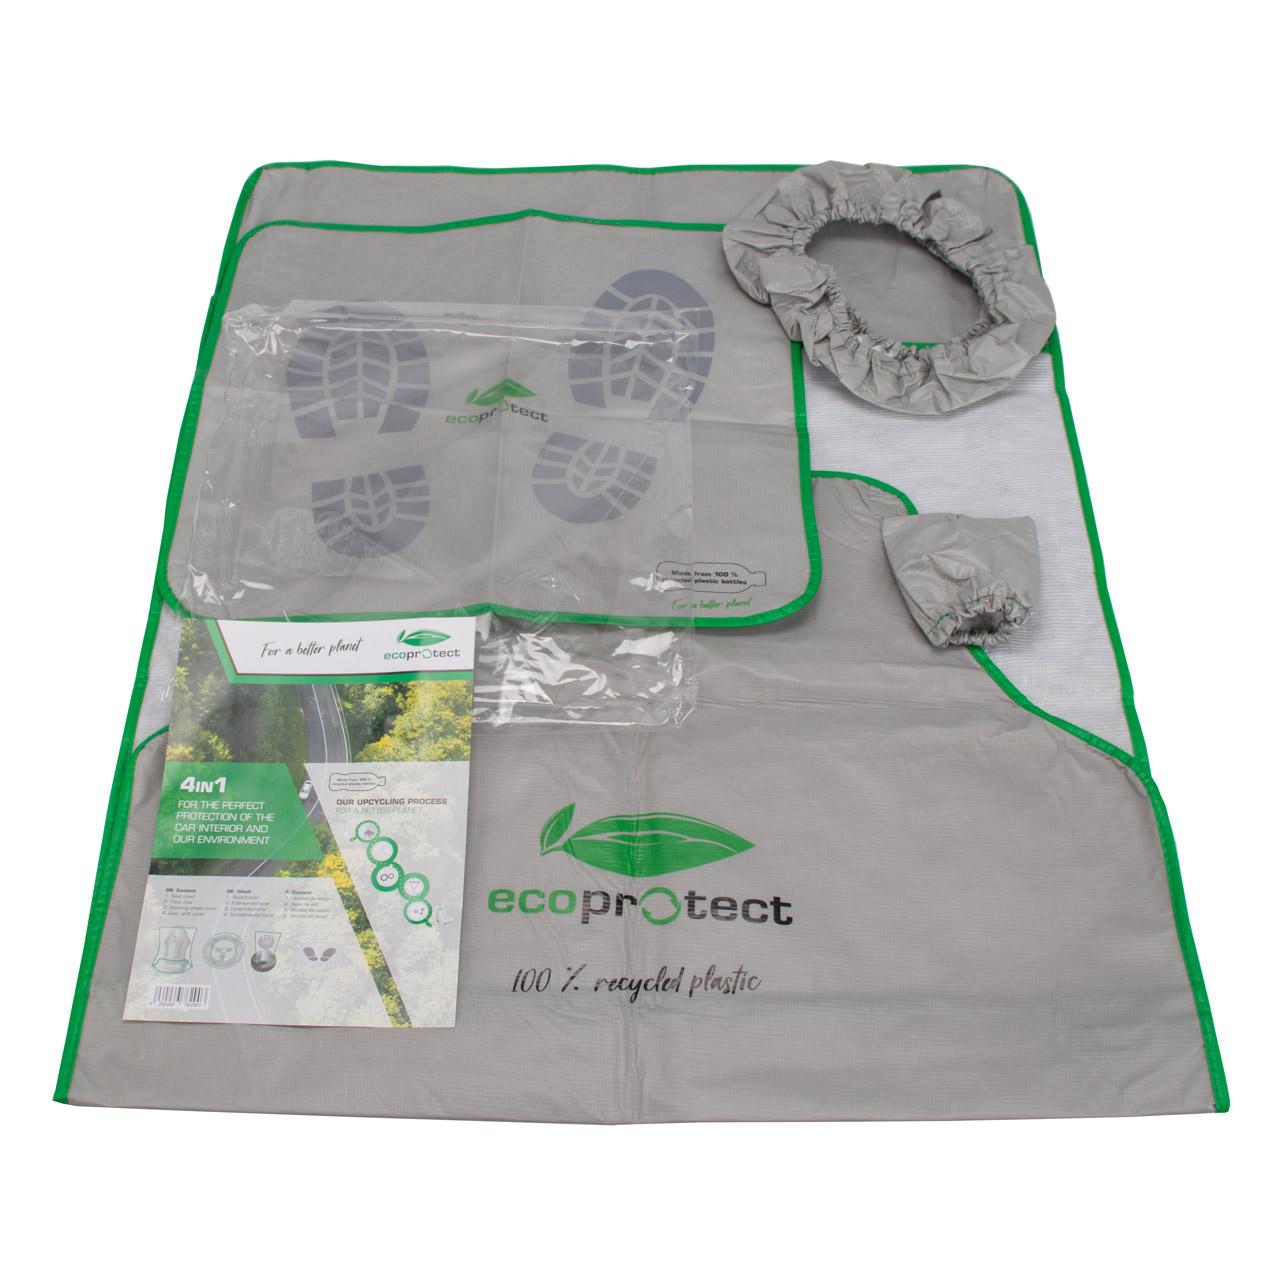 Mehrweg-Schutzset Schoner Eco Protect aus 100 % recycl. PET 4in1 Set